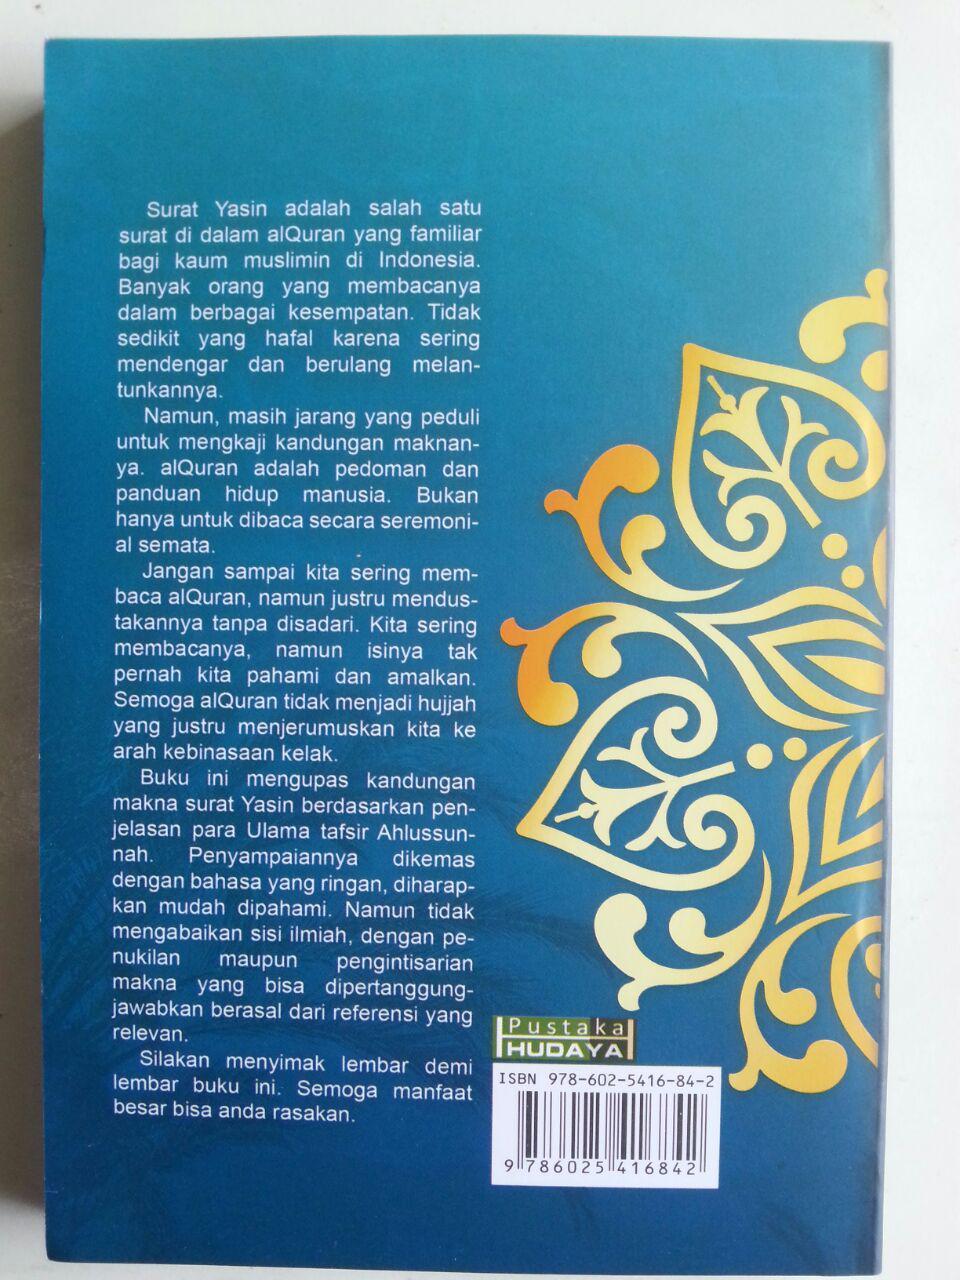 Buku Menggali Kandungan Makna Surat Yasin cover